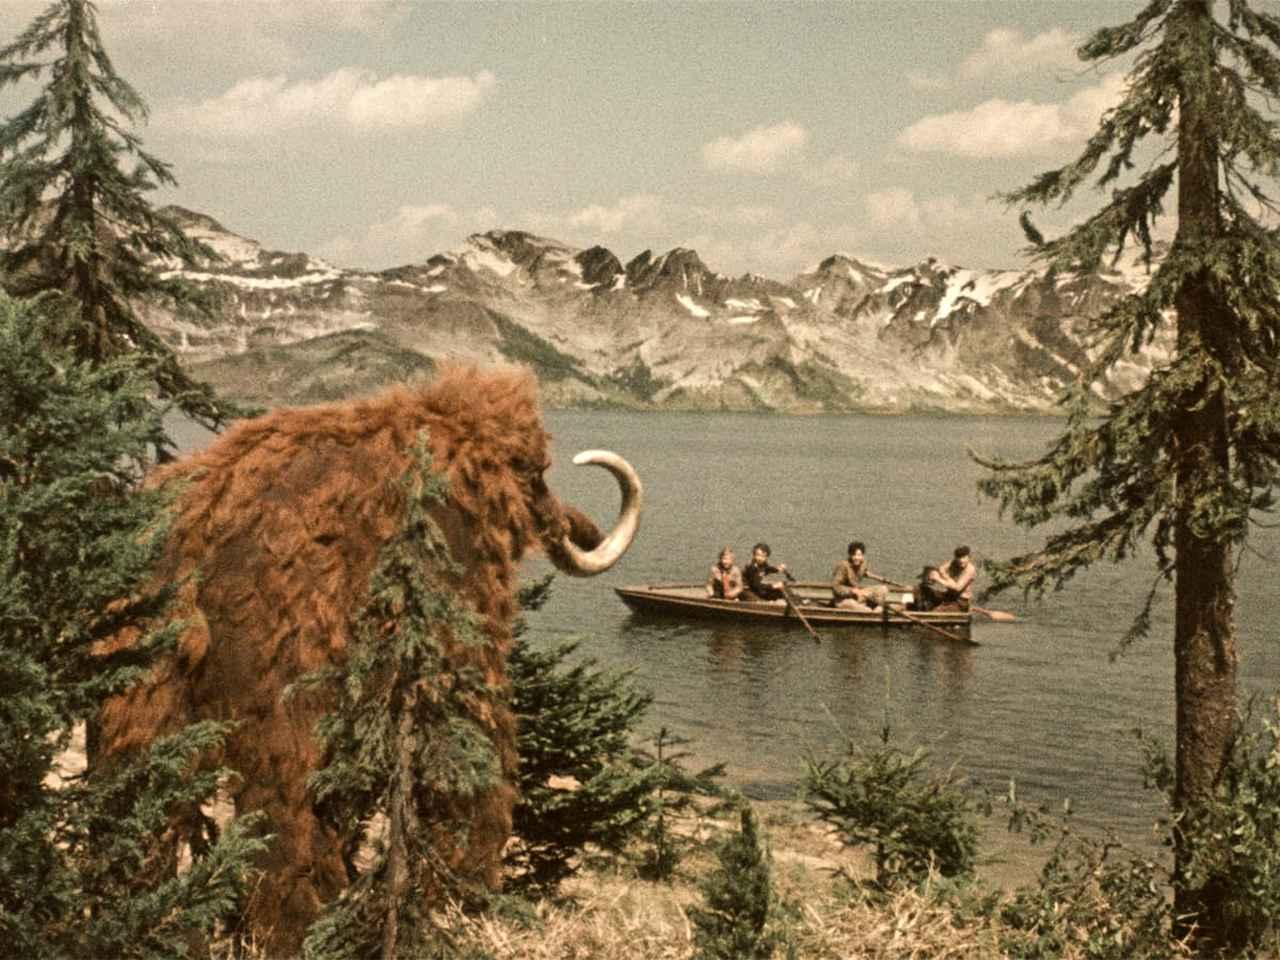 画像2: カレル・ゼマン監督作『前世紀探険』『悪魔の発明』『ほら男爵の冒険』【クライテリオンNEWリリース】